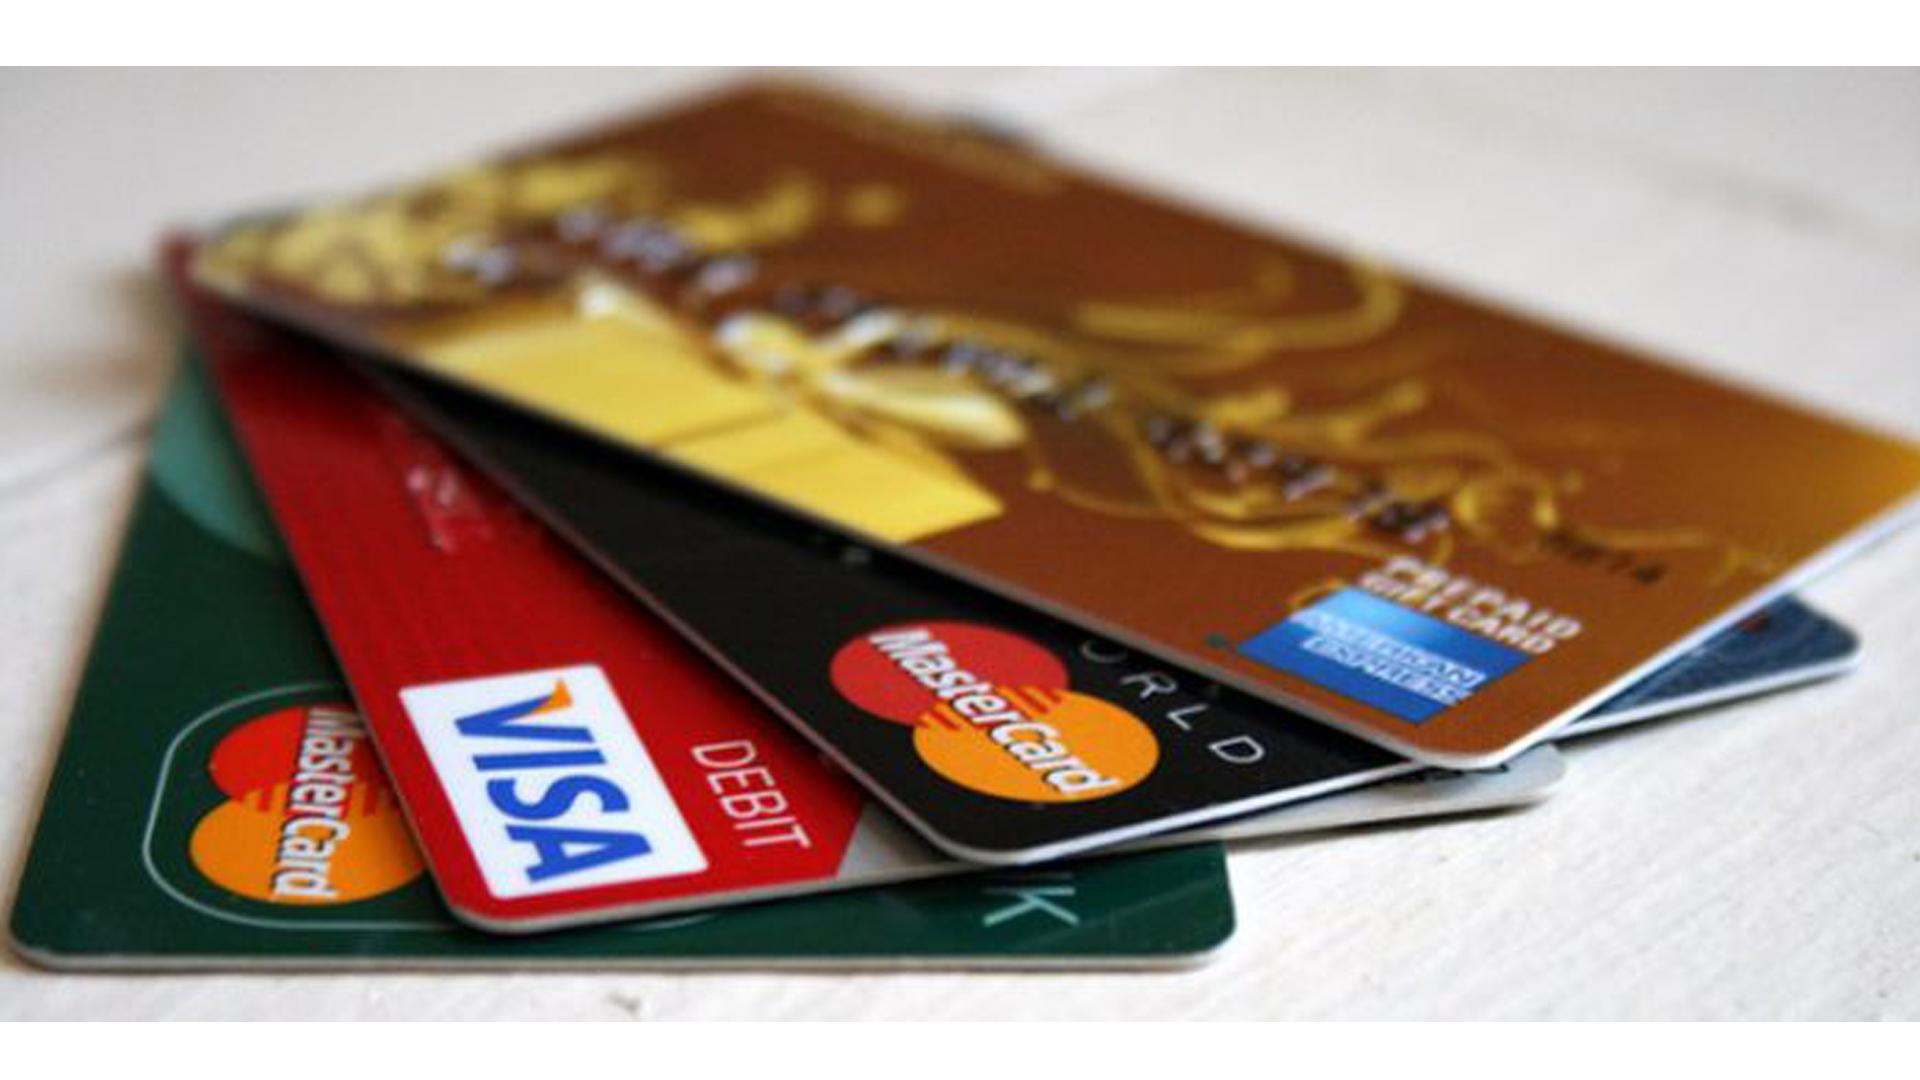 ABŞ-da kredit tarixçəsinin qurulması – İLK KREDİT KARTI NECƏ ALINIR?